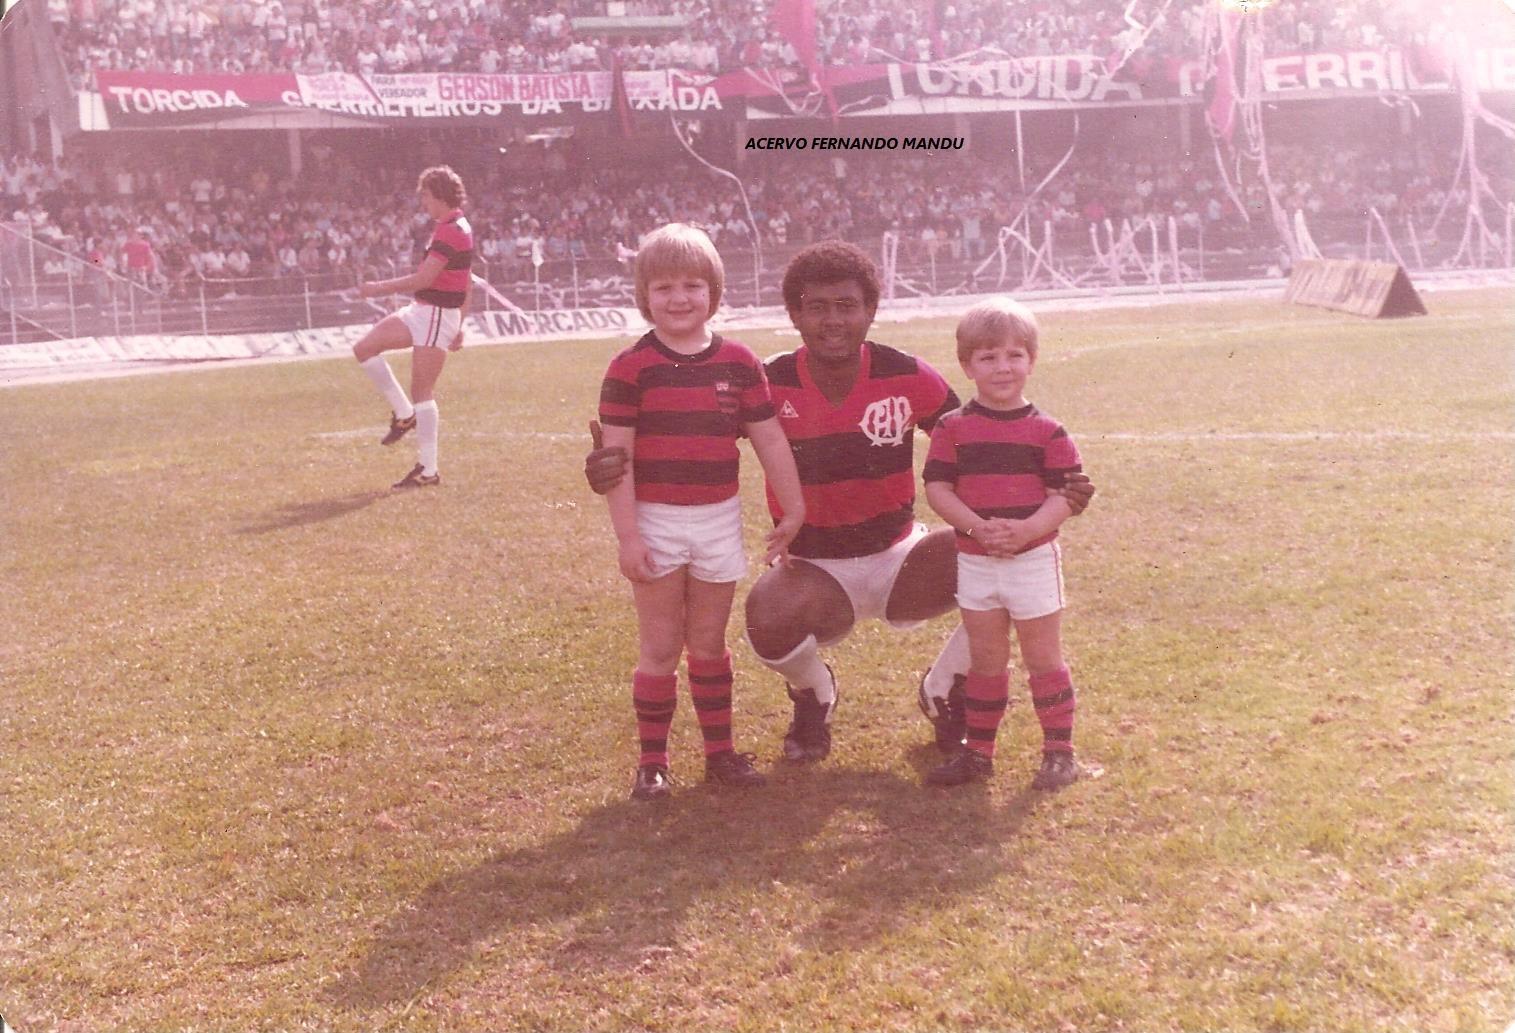 Os irmãos Fernando Mandu Junior e Luiz Demetrio com Washington (Arquivo Pessoal)